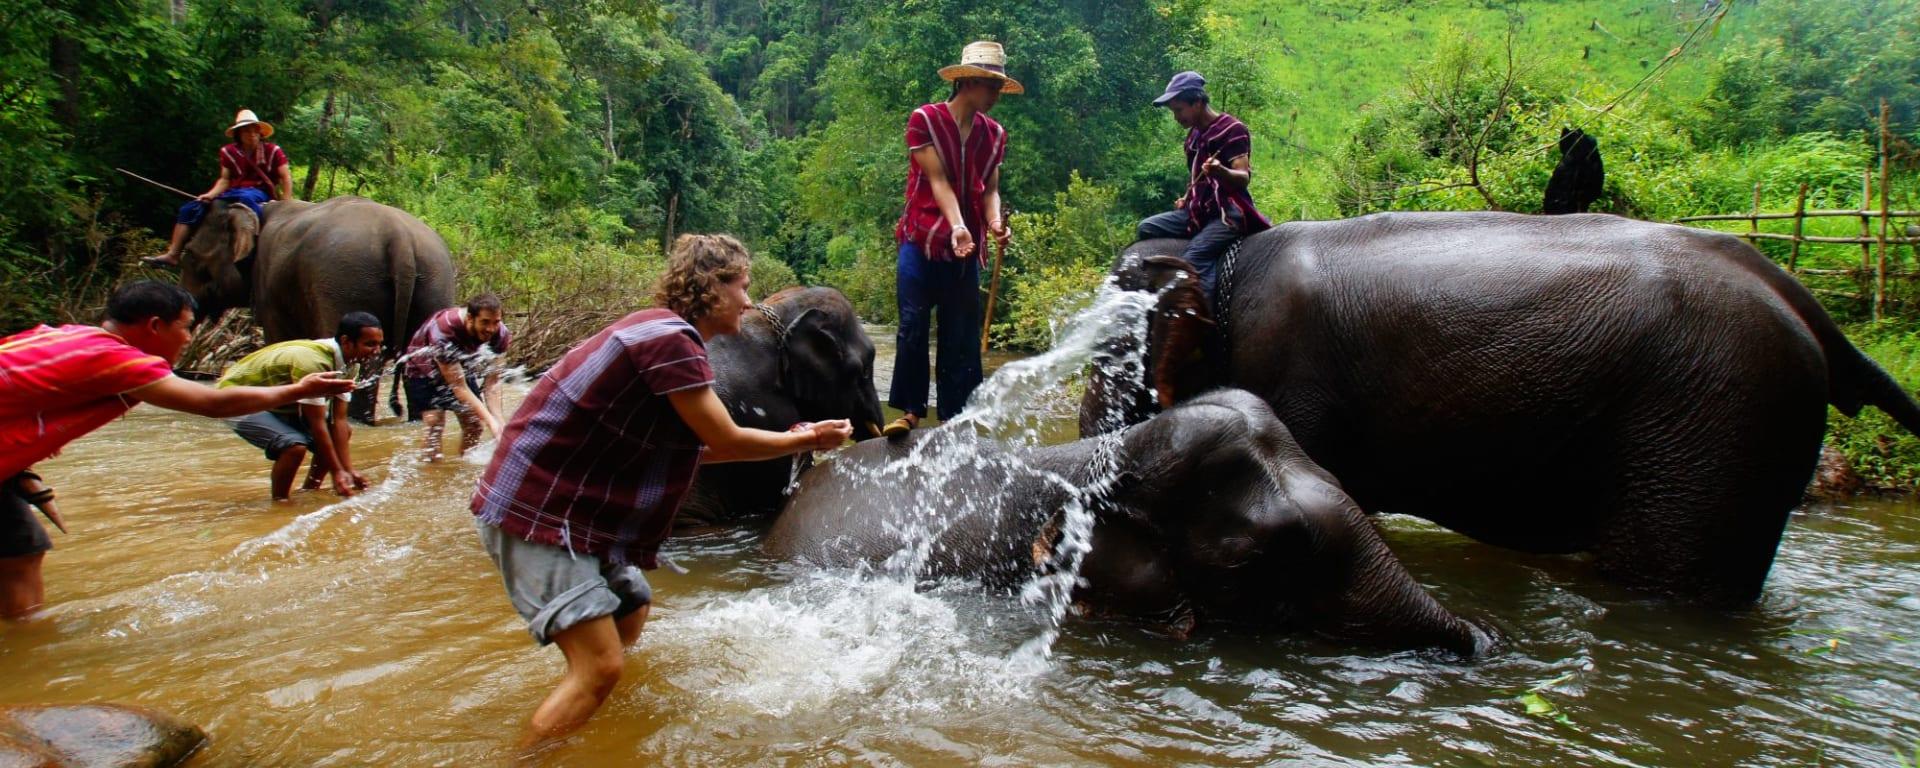 Le monde caché des tribus montagnardes de Chiang Mai: Northern Thailand: Elephants being washed